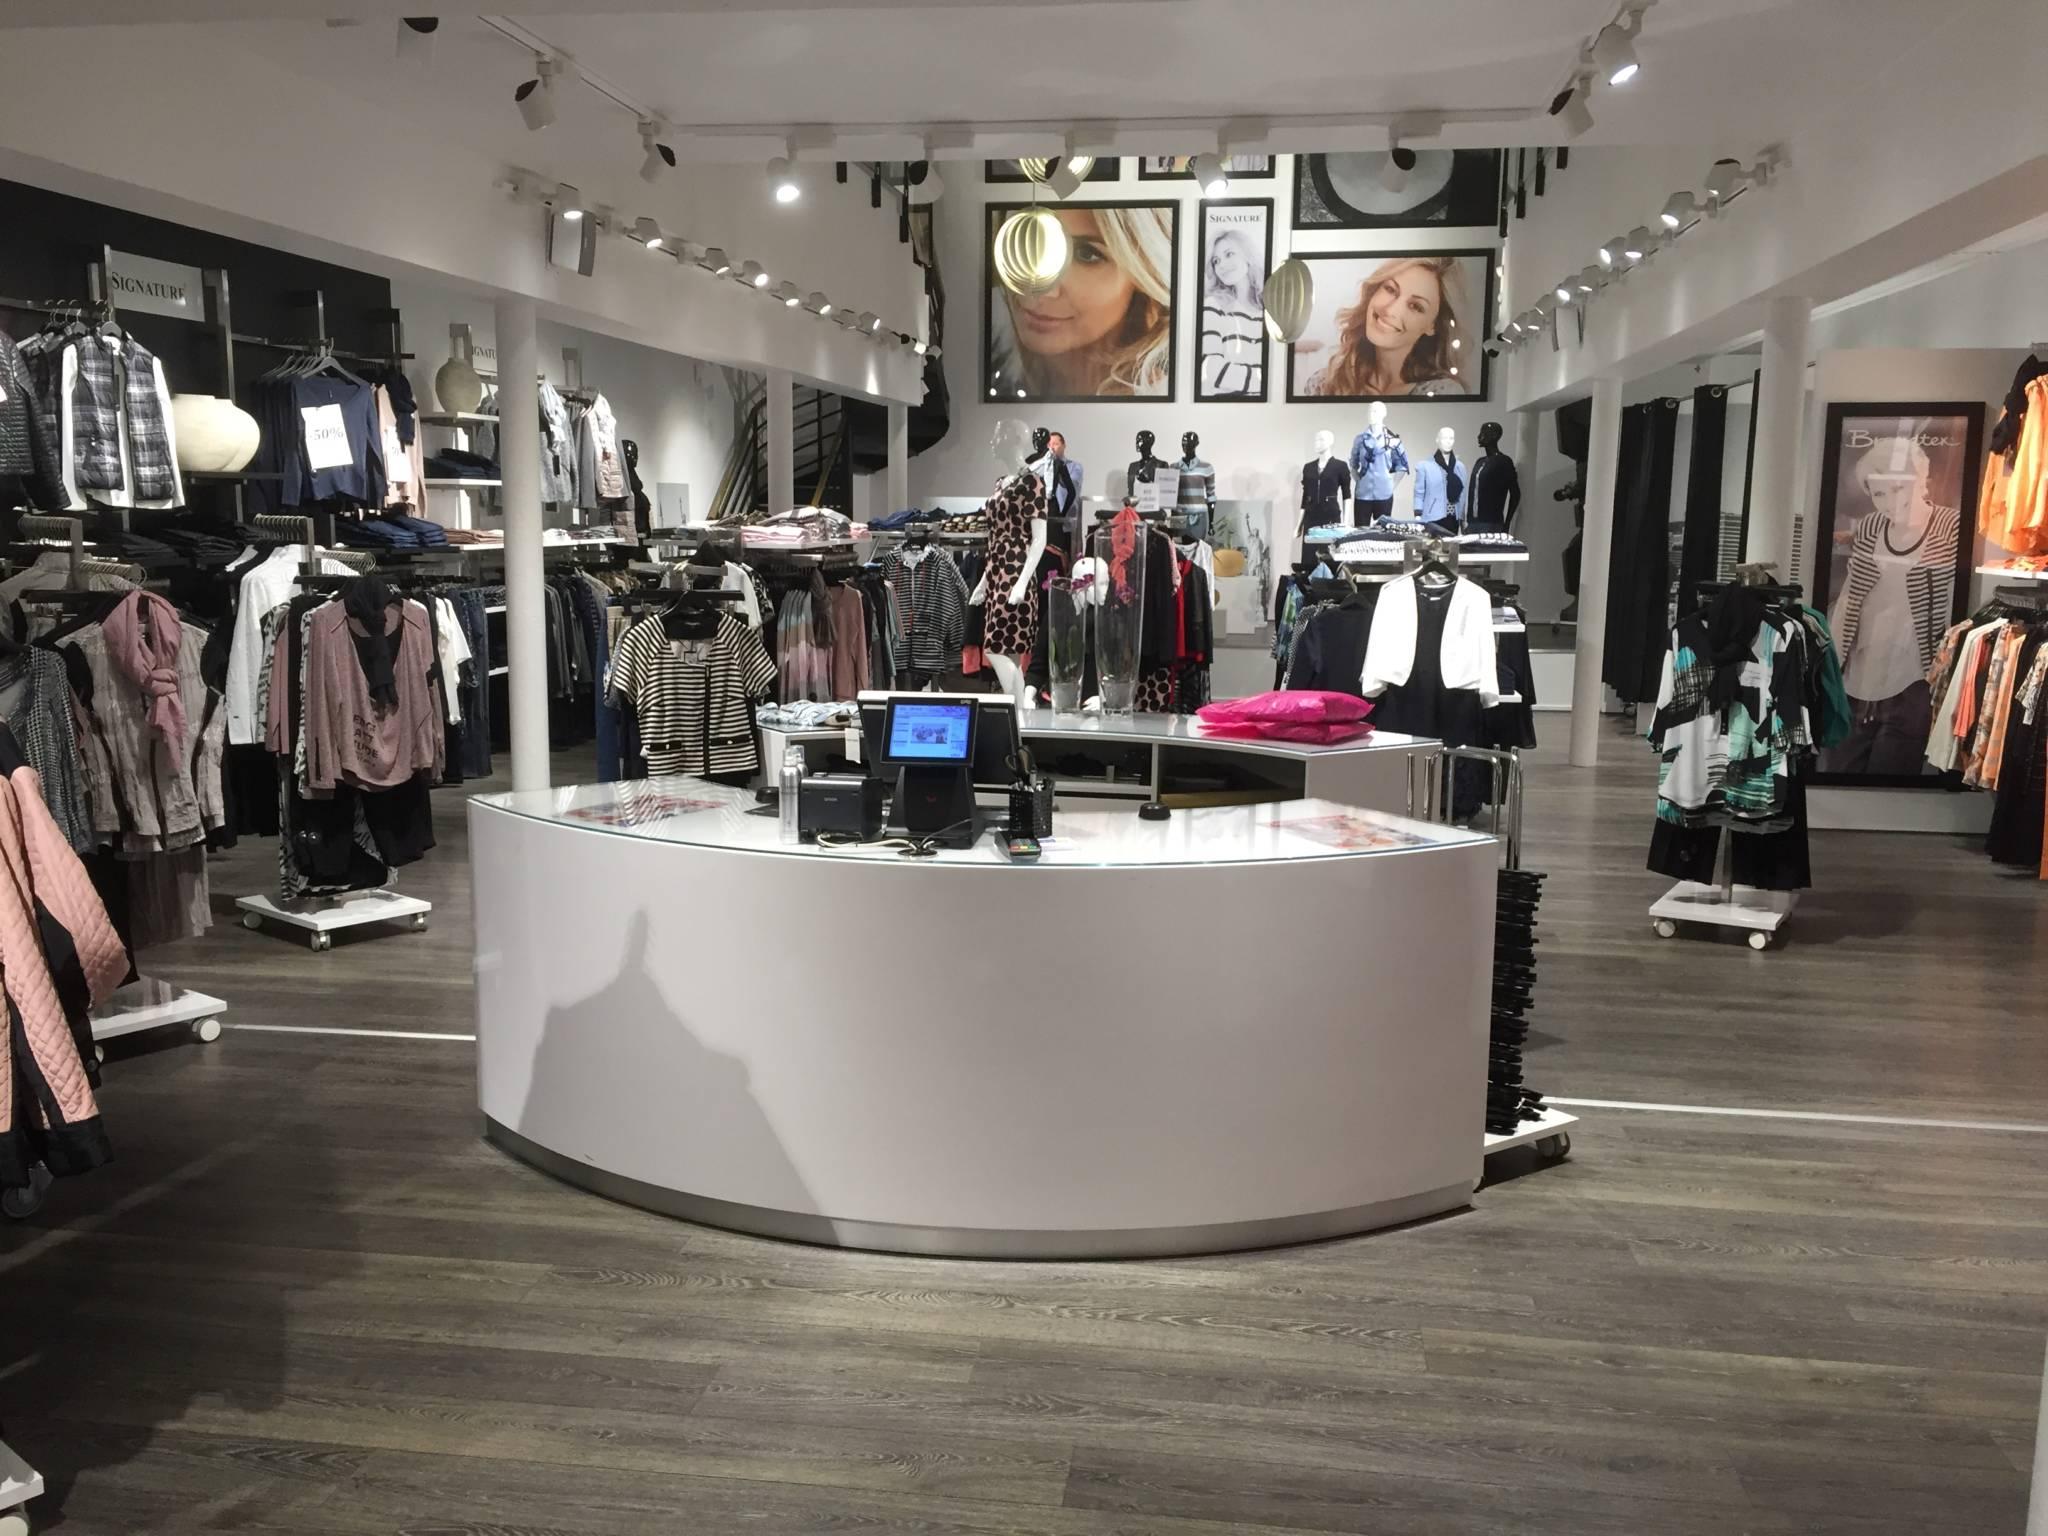 butiksdisk med buet form